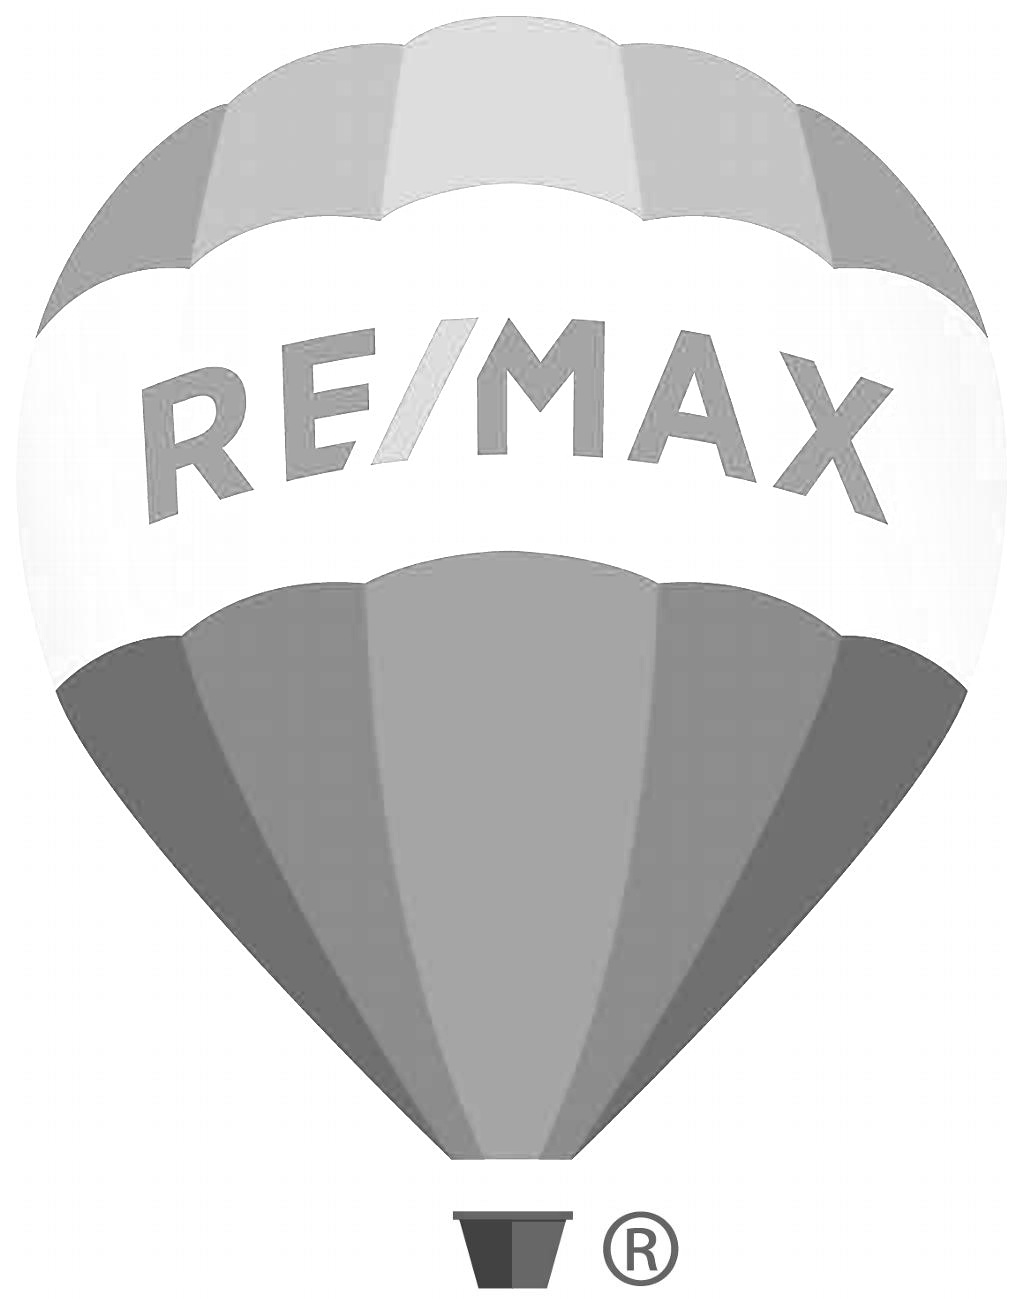 REMAX_mastrBalloon_RGB_R_low.jpg